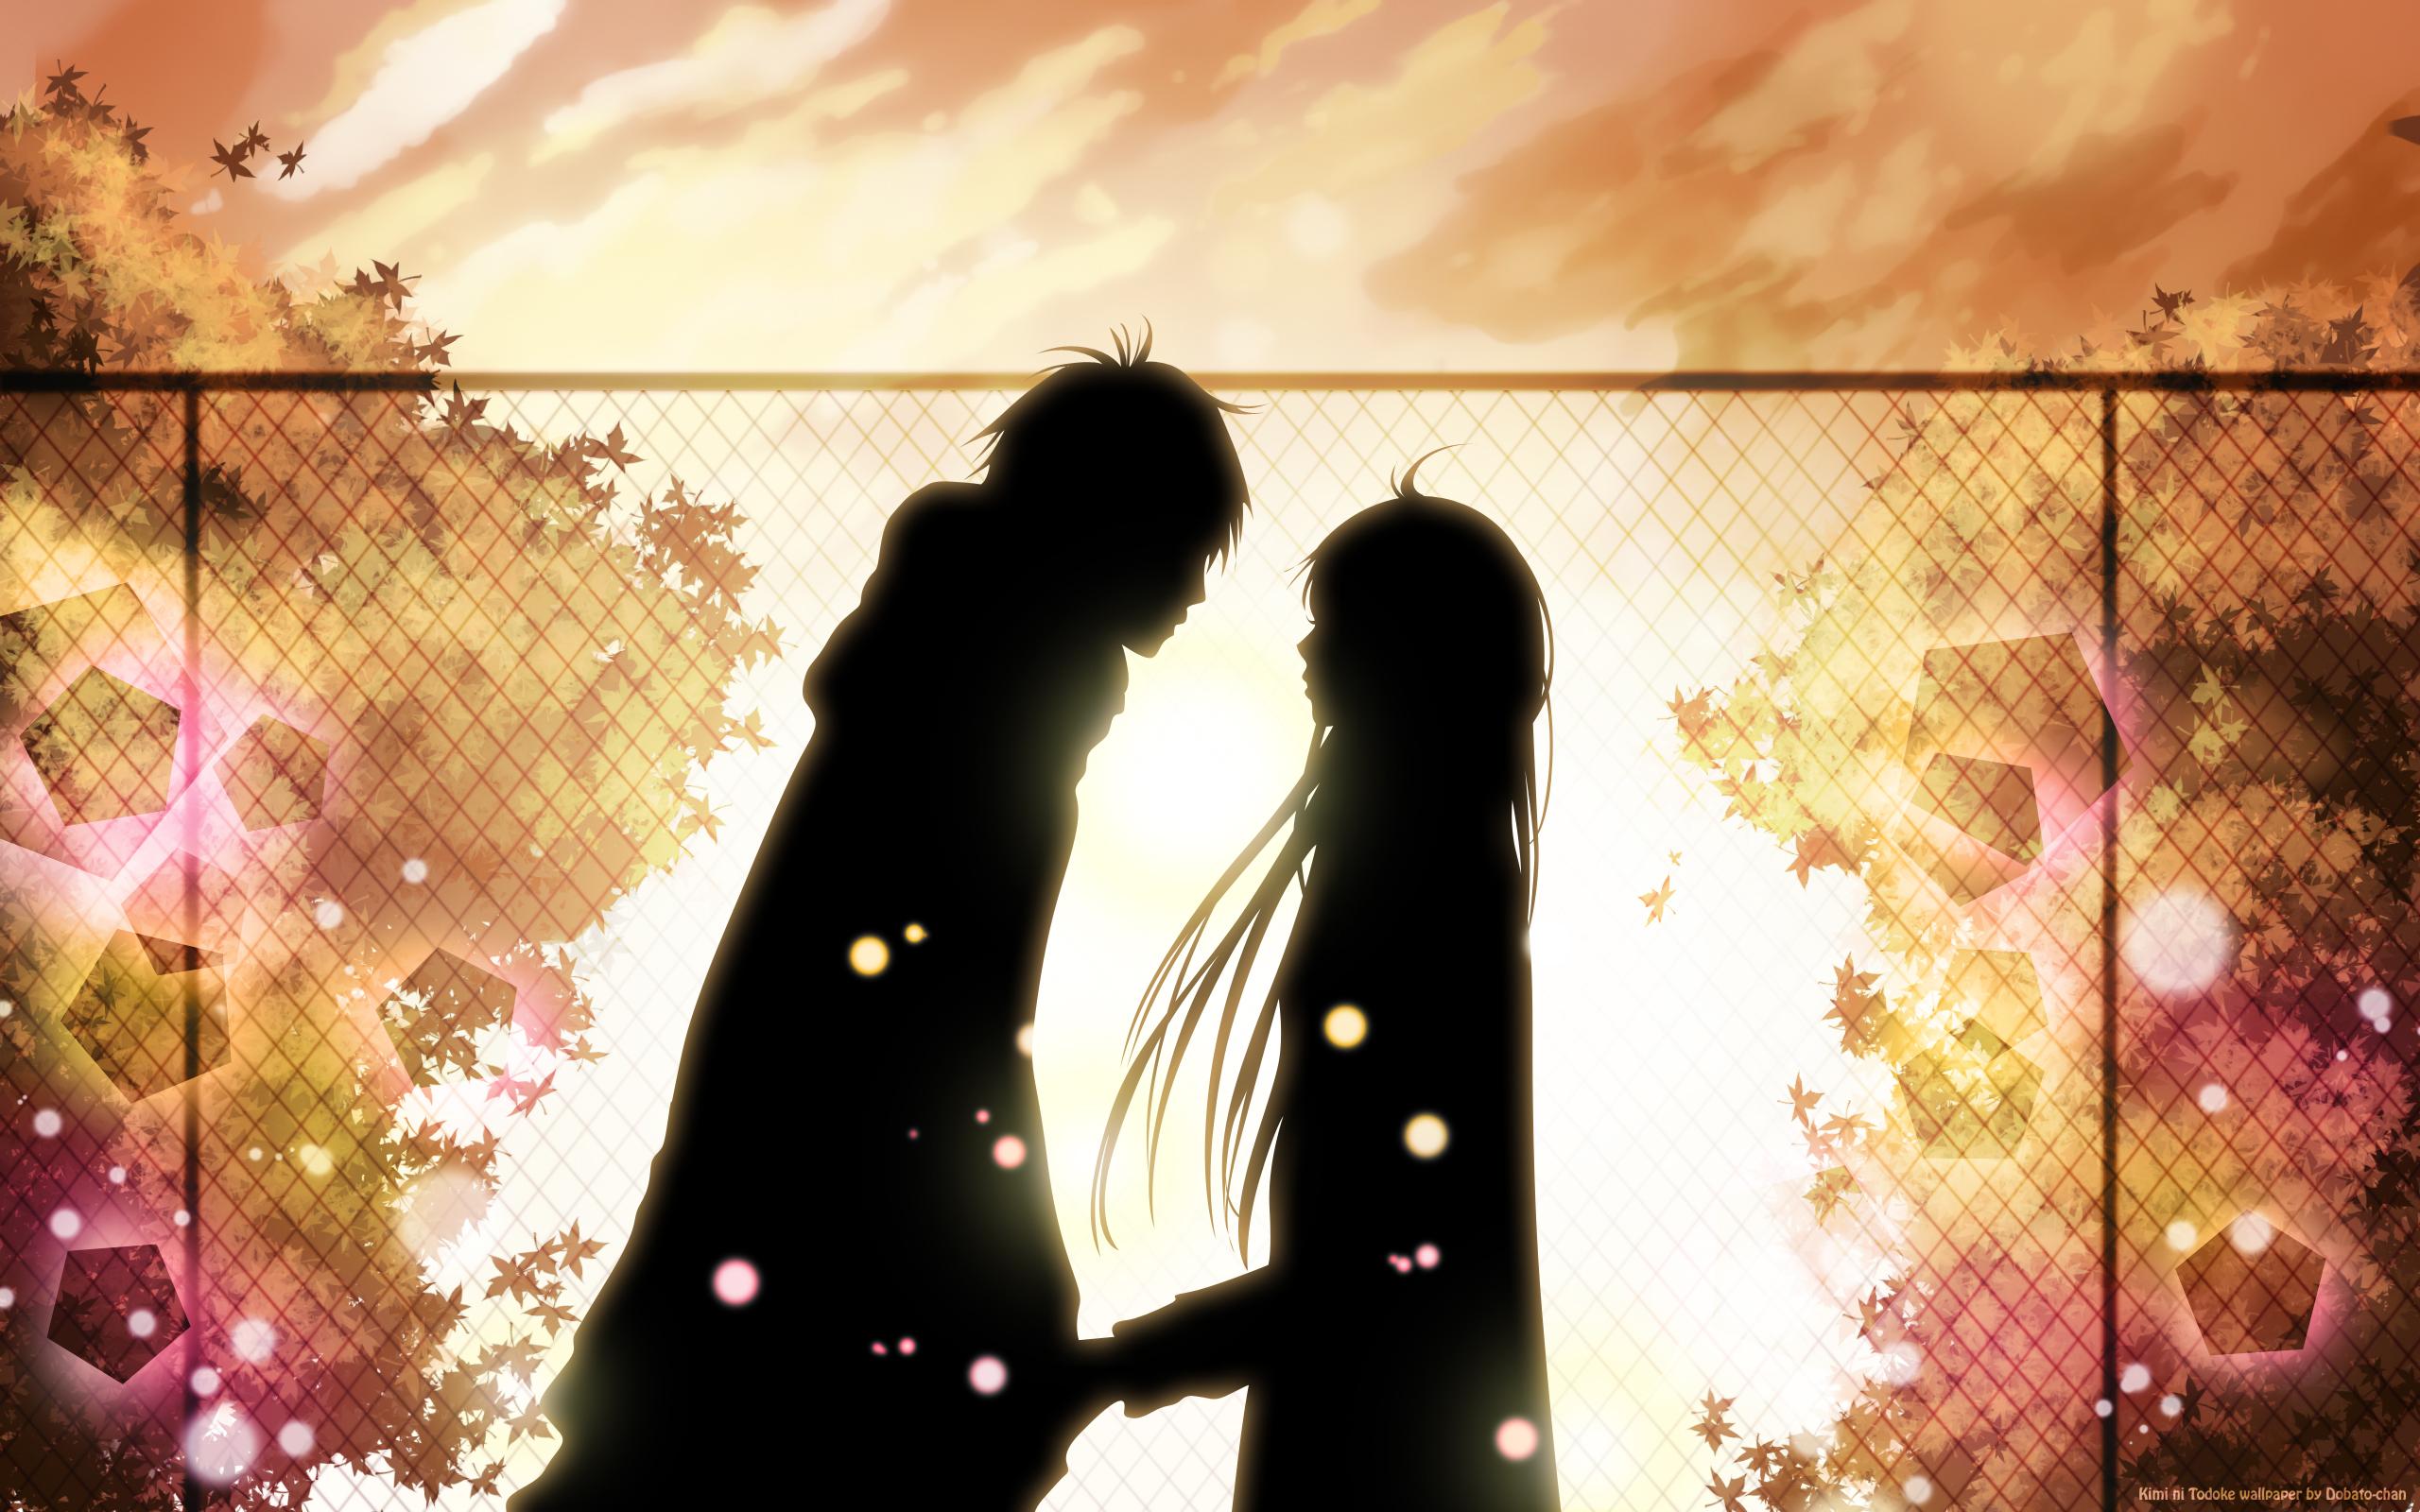 anime girl and boy